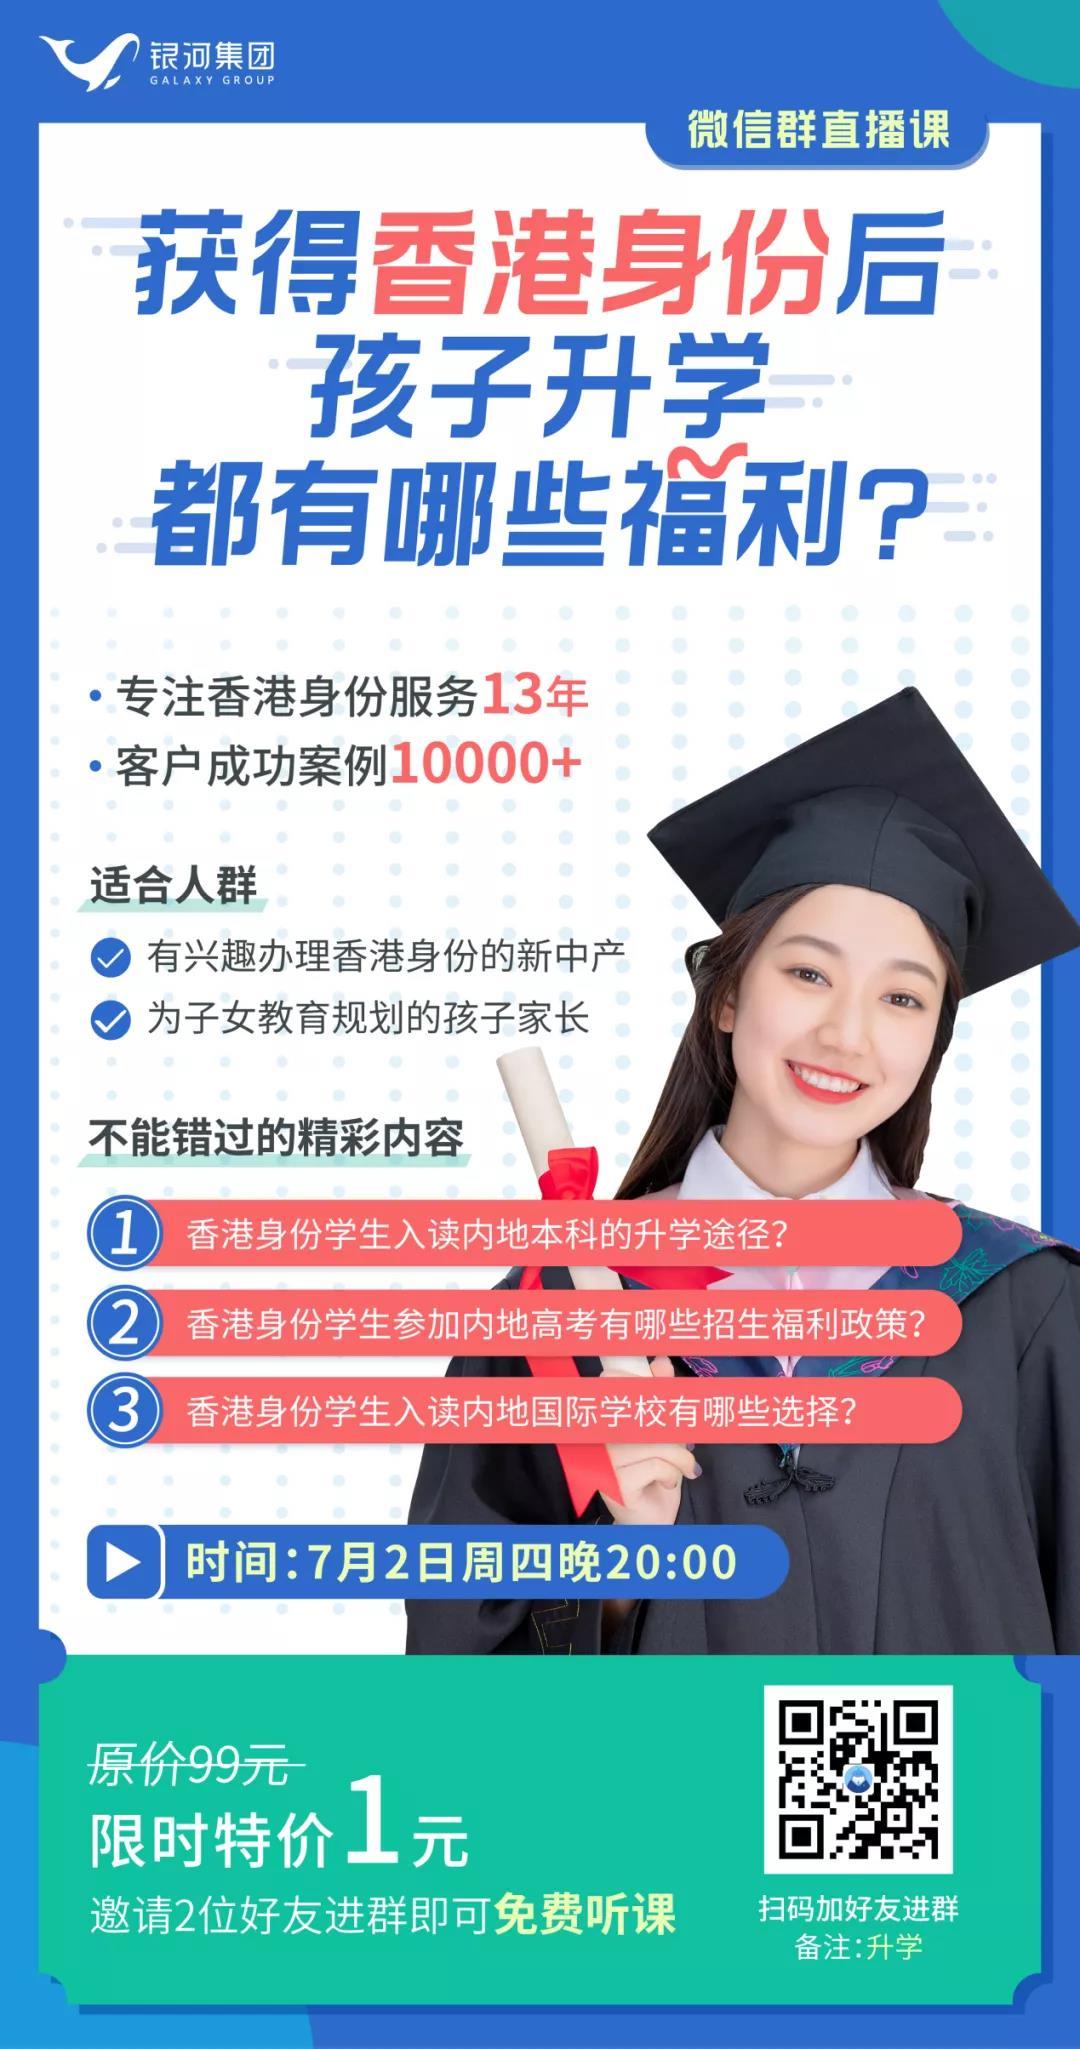 从2007年到2020年,银河集团深耕香港身份服务已经进入第13个年头,拥有上万个客户成功案例。